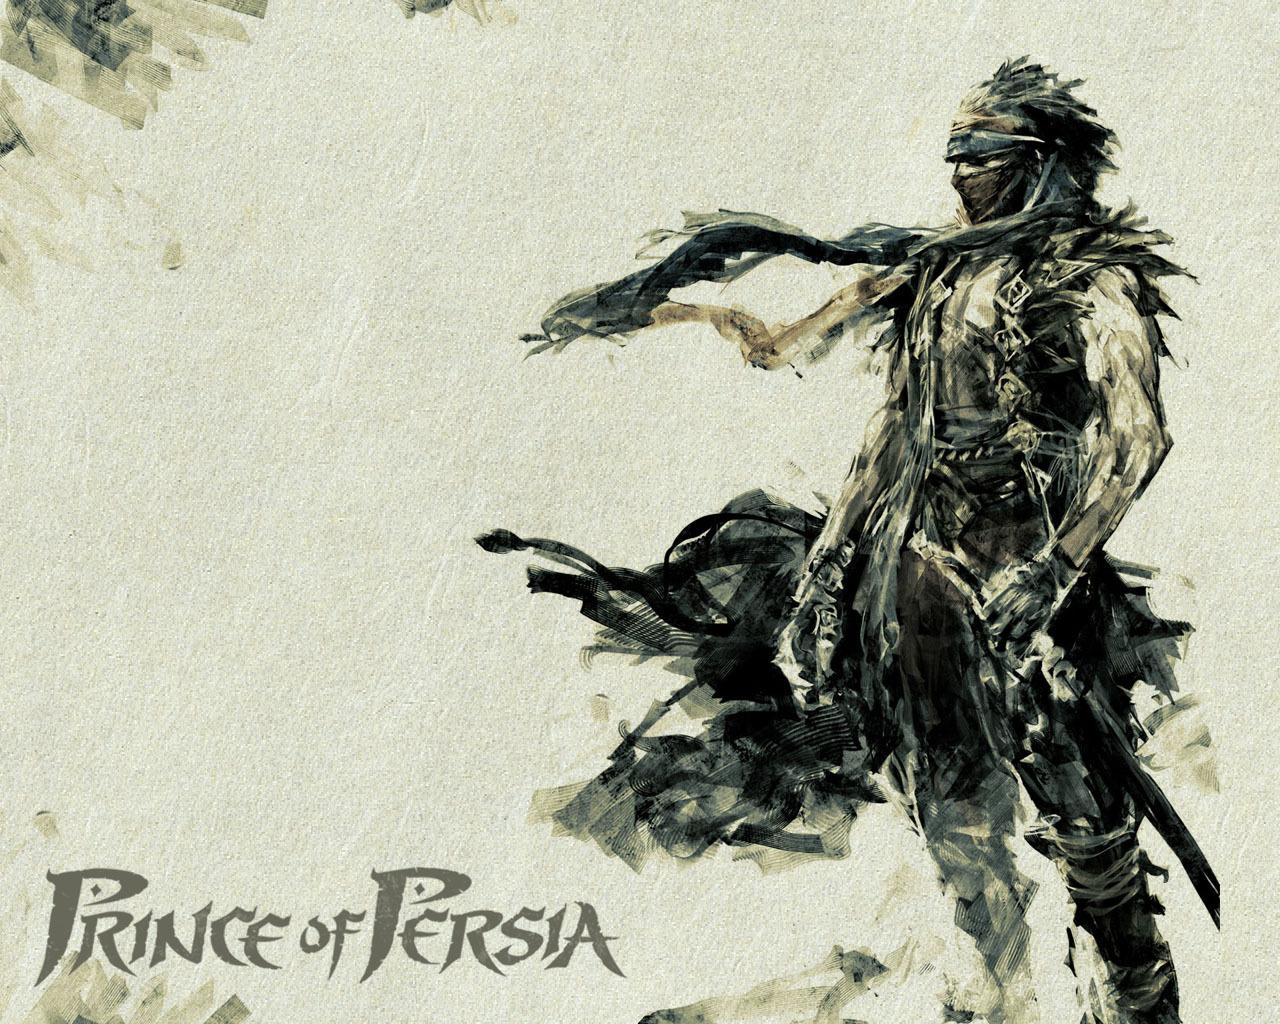 8095 Salvapantallas y fondos de pantalla Juegos en tu teléfono. Descarga imágenes de Juegos, Prince Of Persia, Imágenes gratis